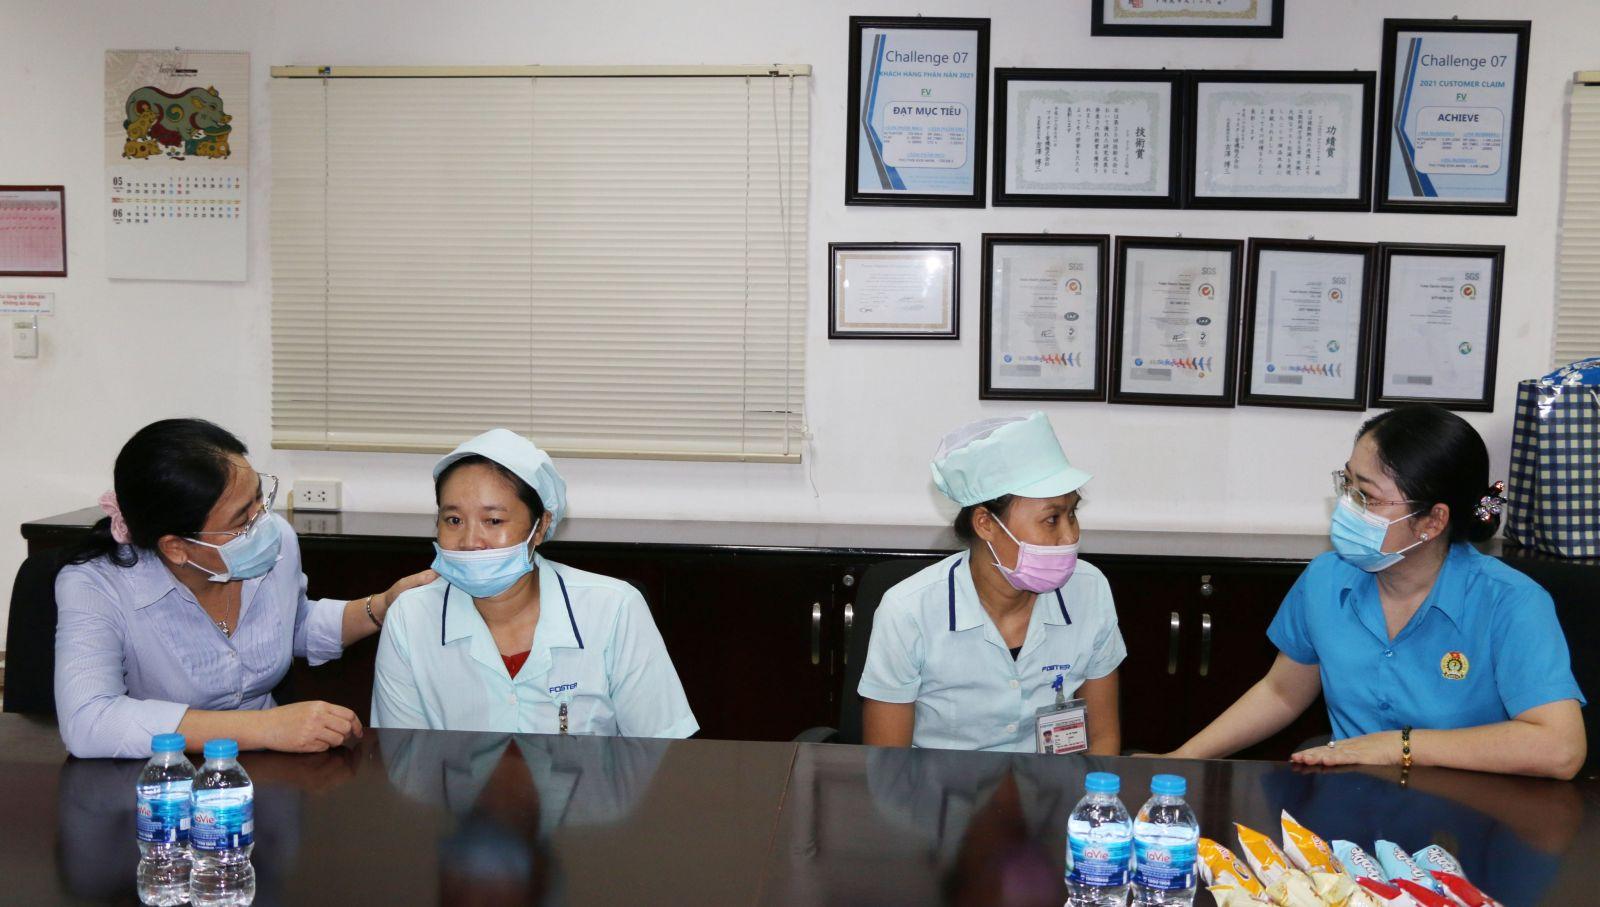 Lãnh đạo LĐLĐ tỉnh Bình Dương tiếp nhận hỗ trợ từ các doanh nghiệp để chăm lo cho người lao động khó. Nguồn ảnh: Văn Trung